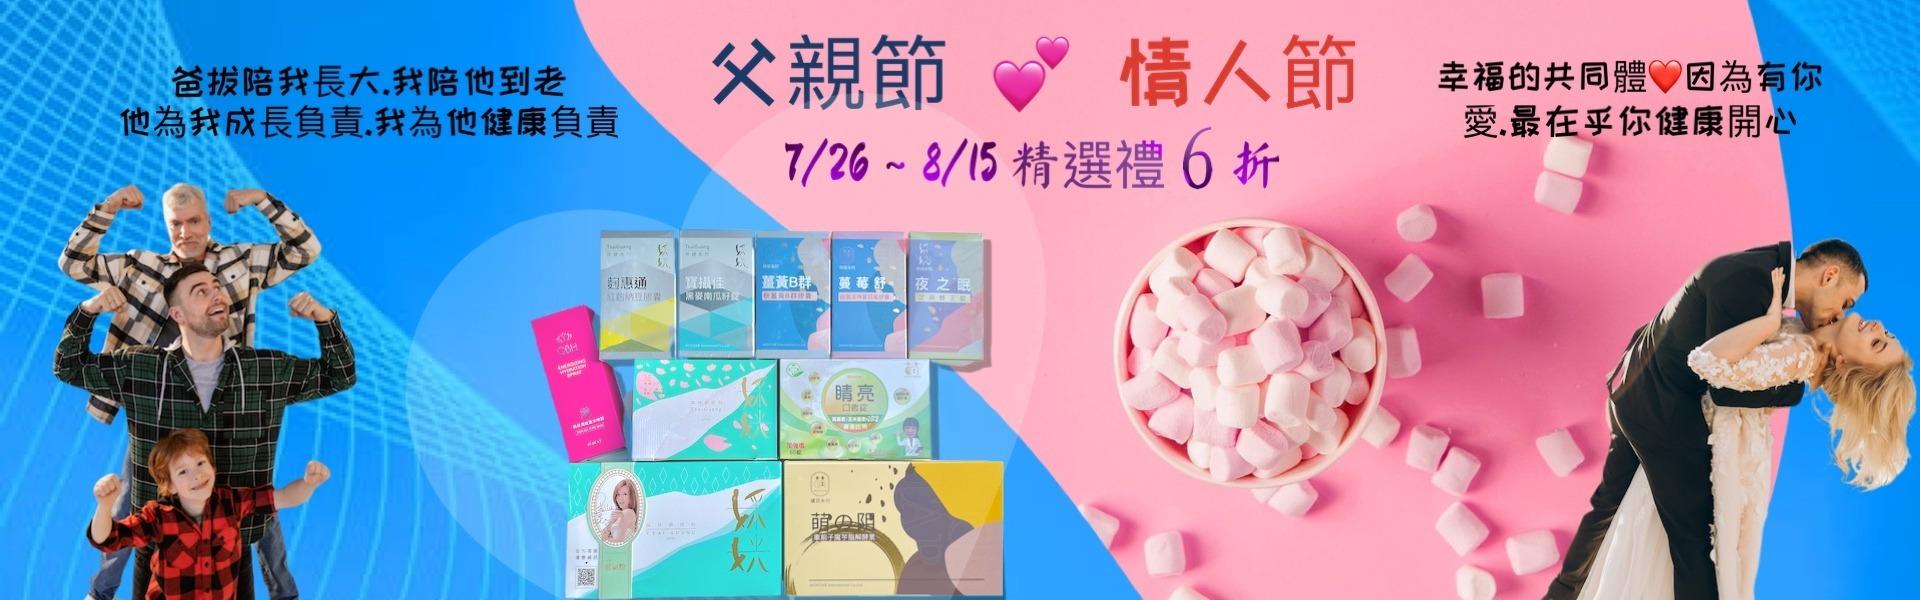 父親節/情人節/精選禮6折